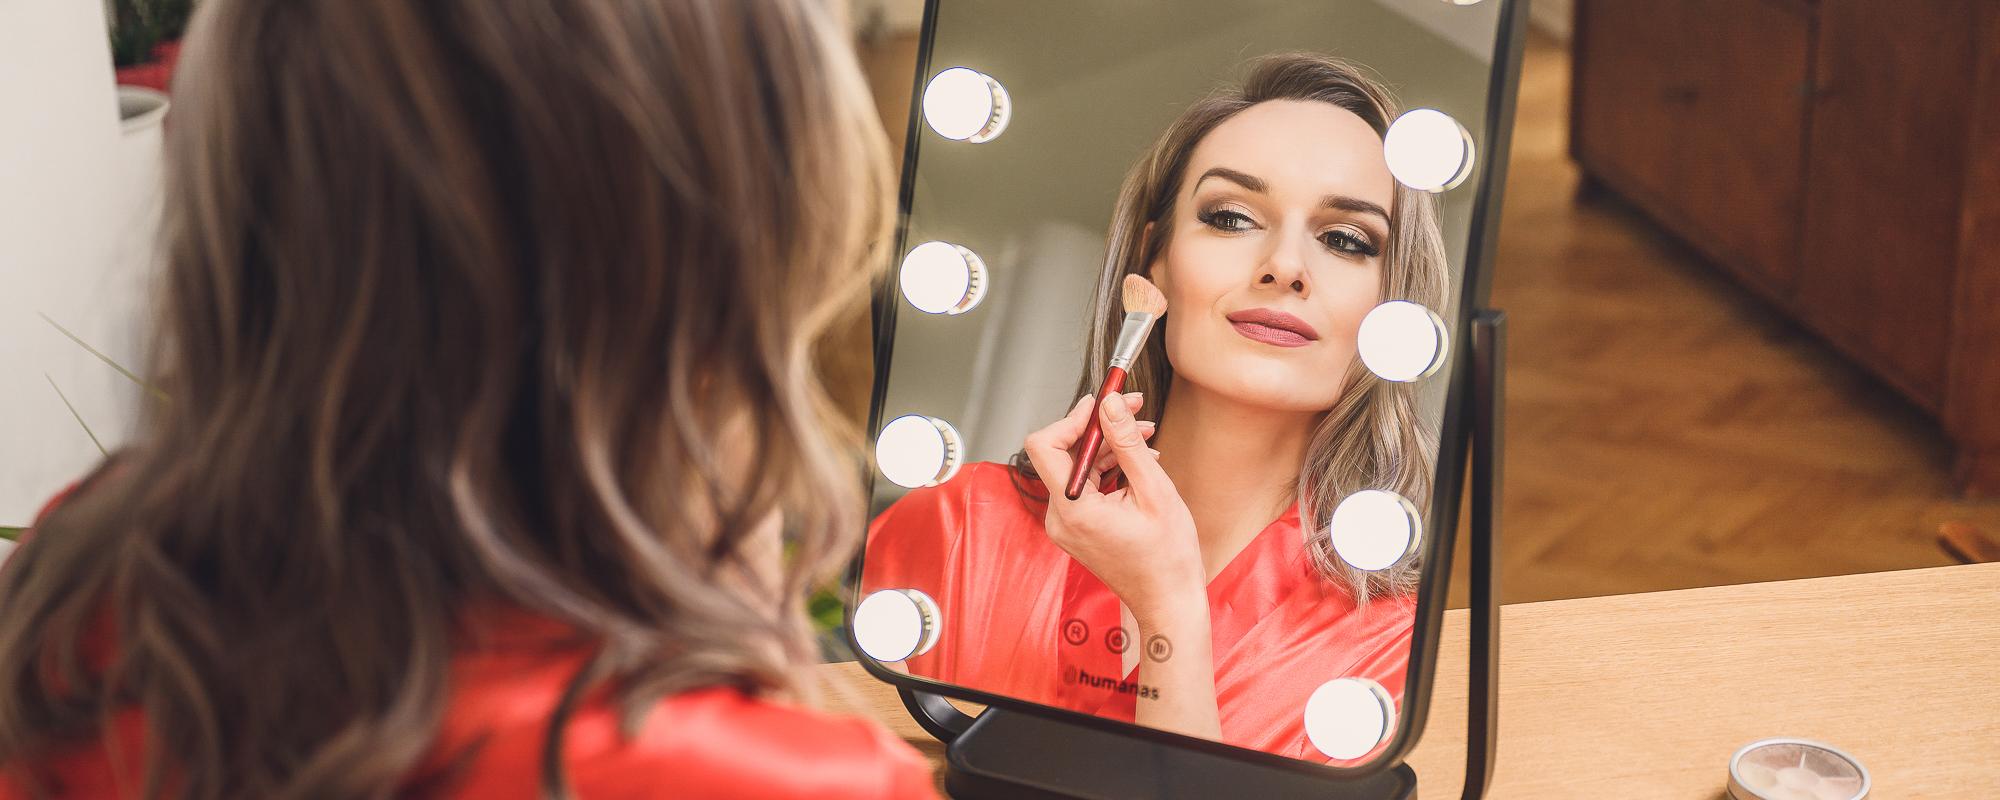 Młoda kobieta robi makijaż przed lustrem z oświetleniem LED